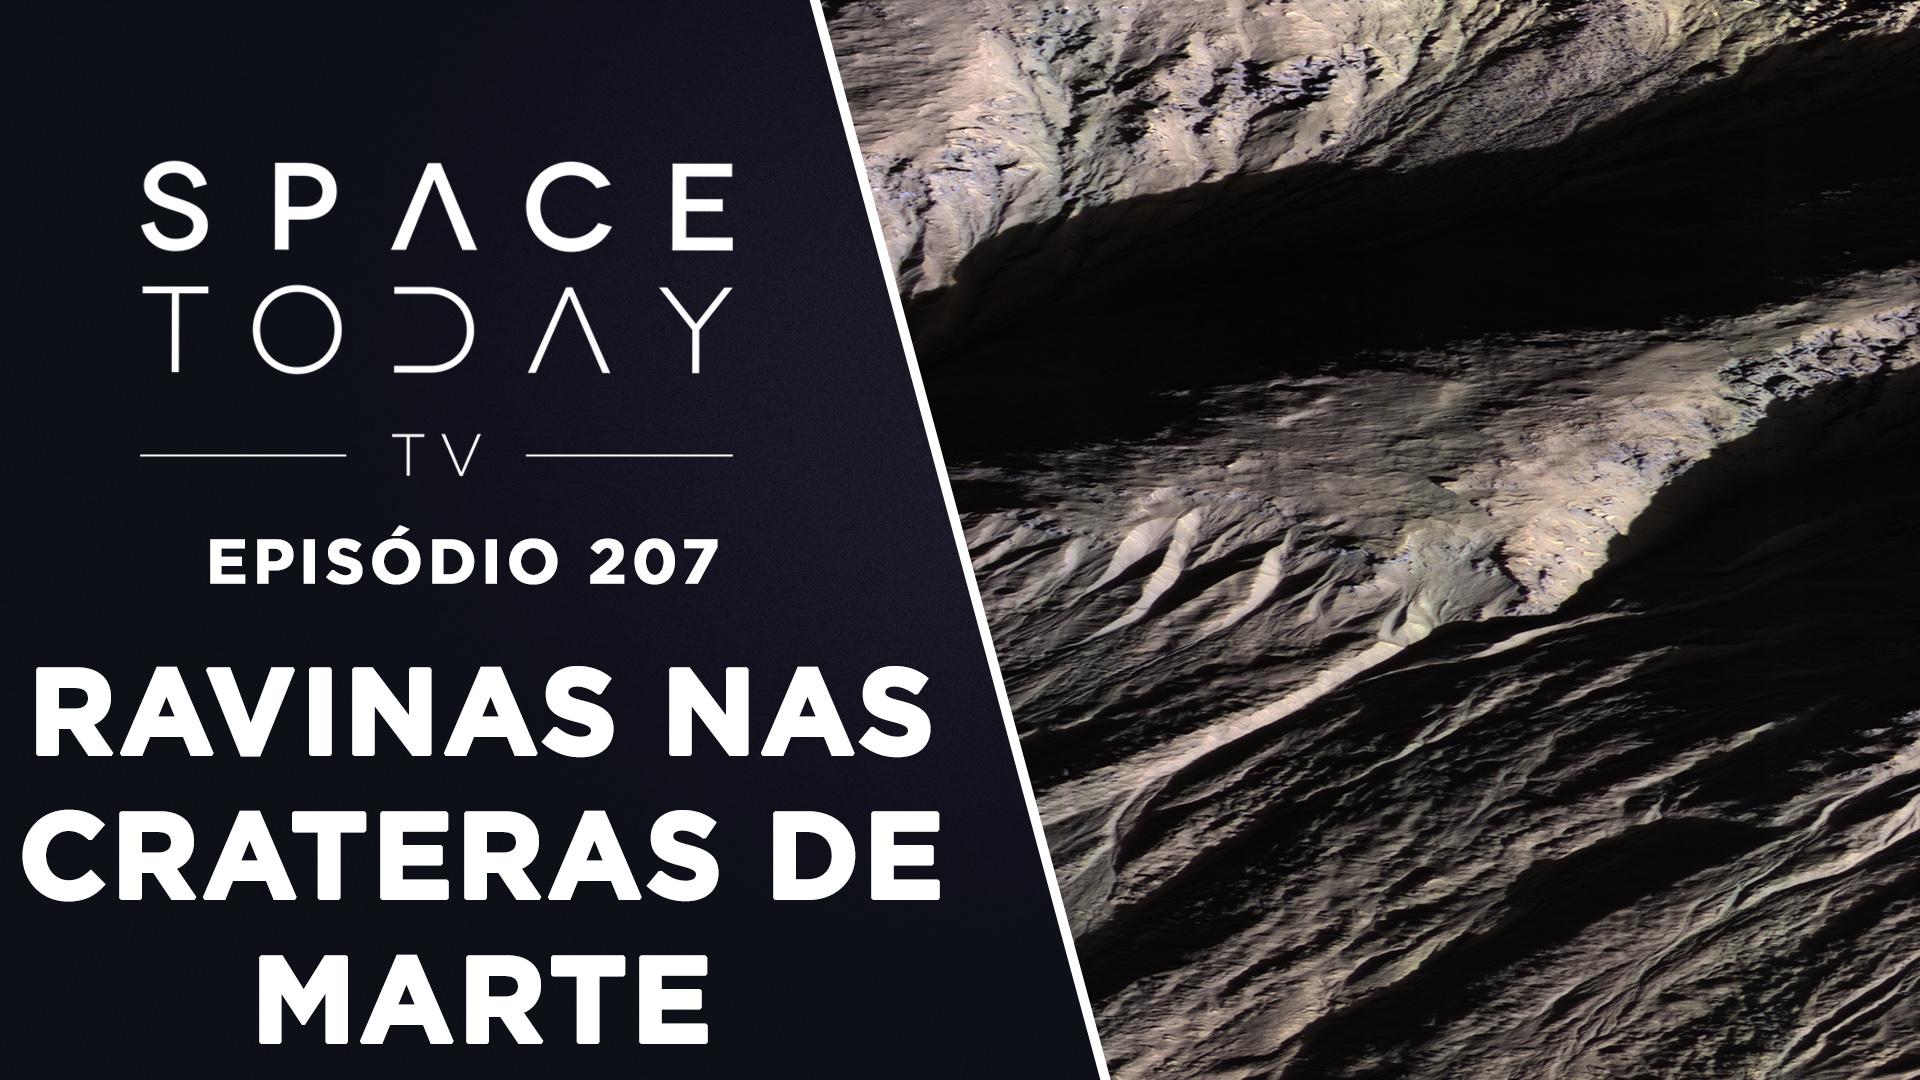 Ravinas nas Crateras de Marte – Space Today TV Ep.207